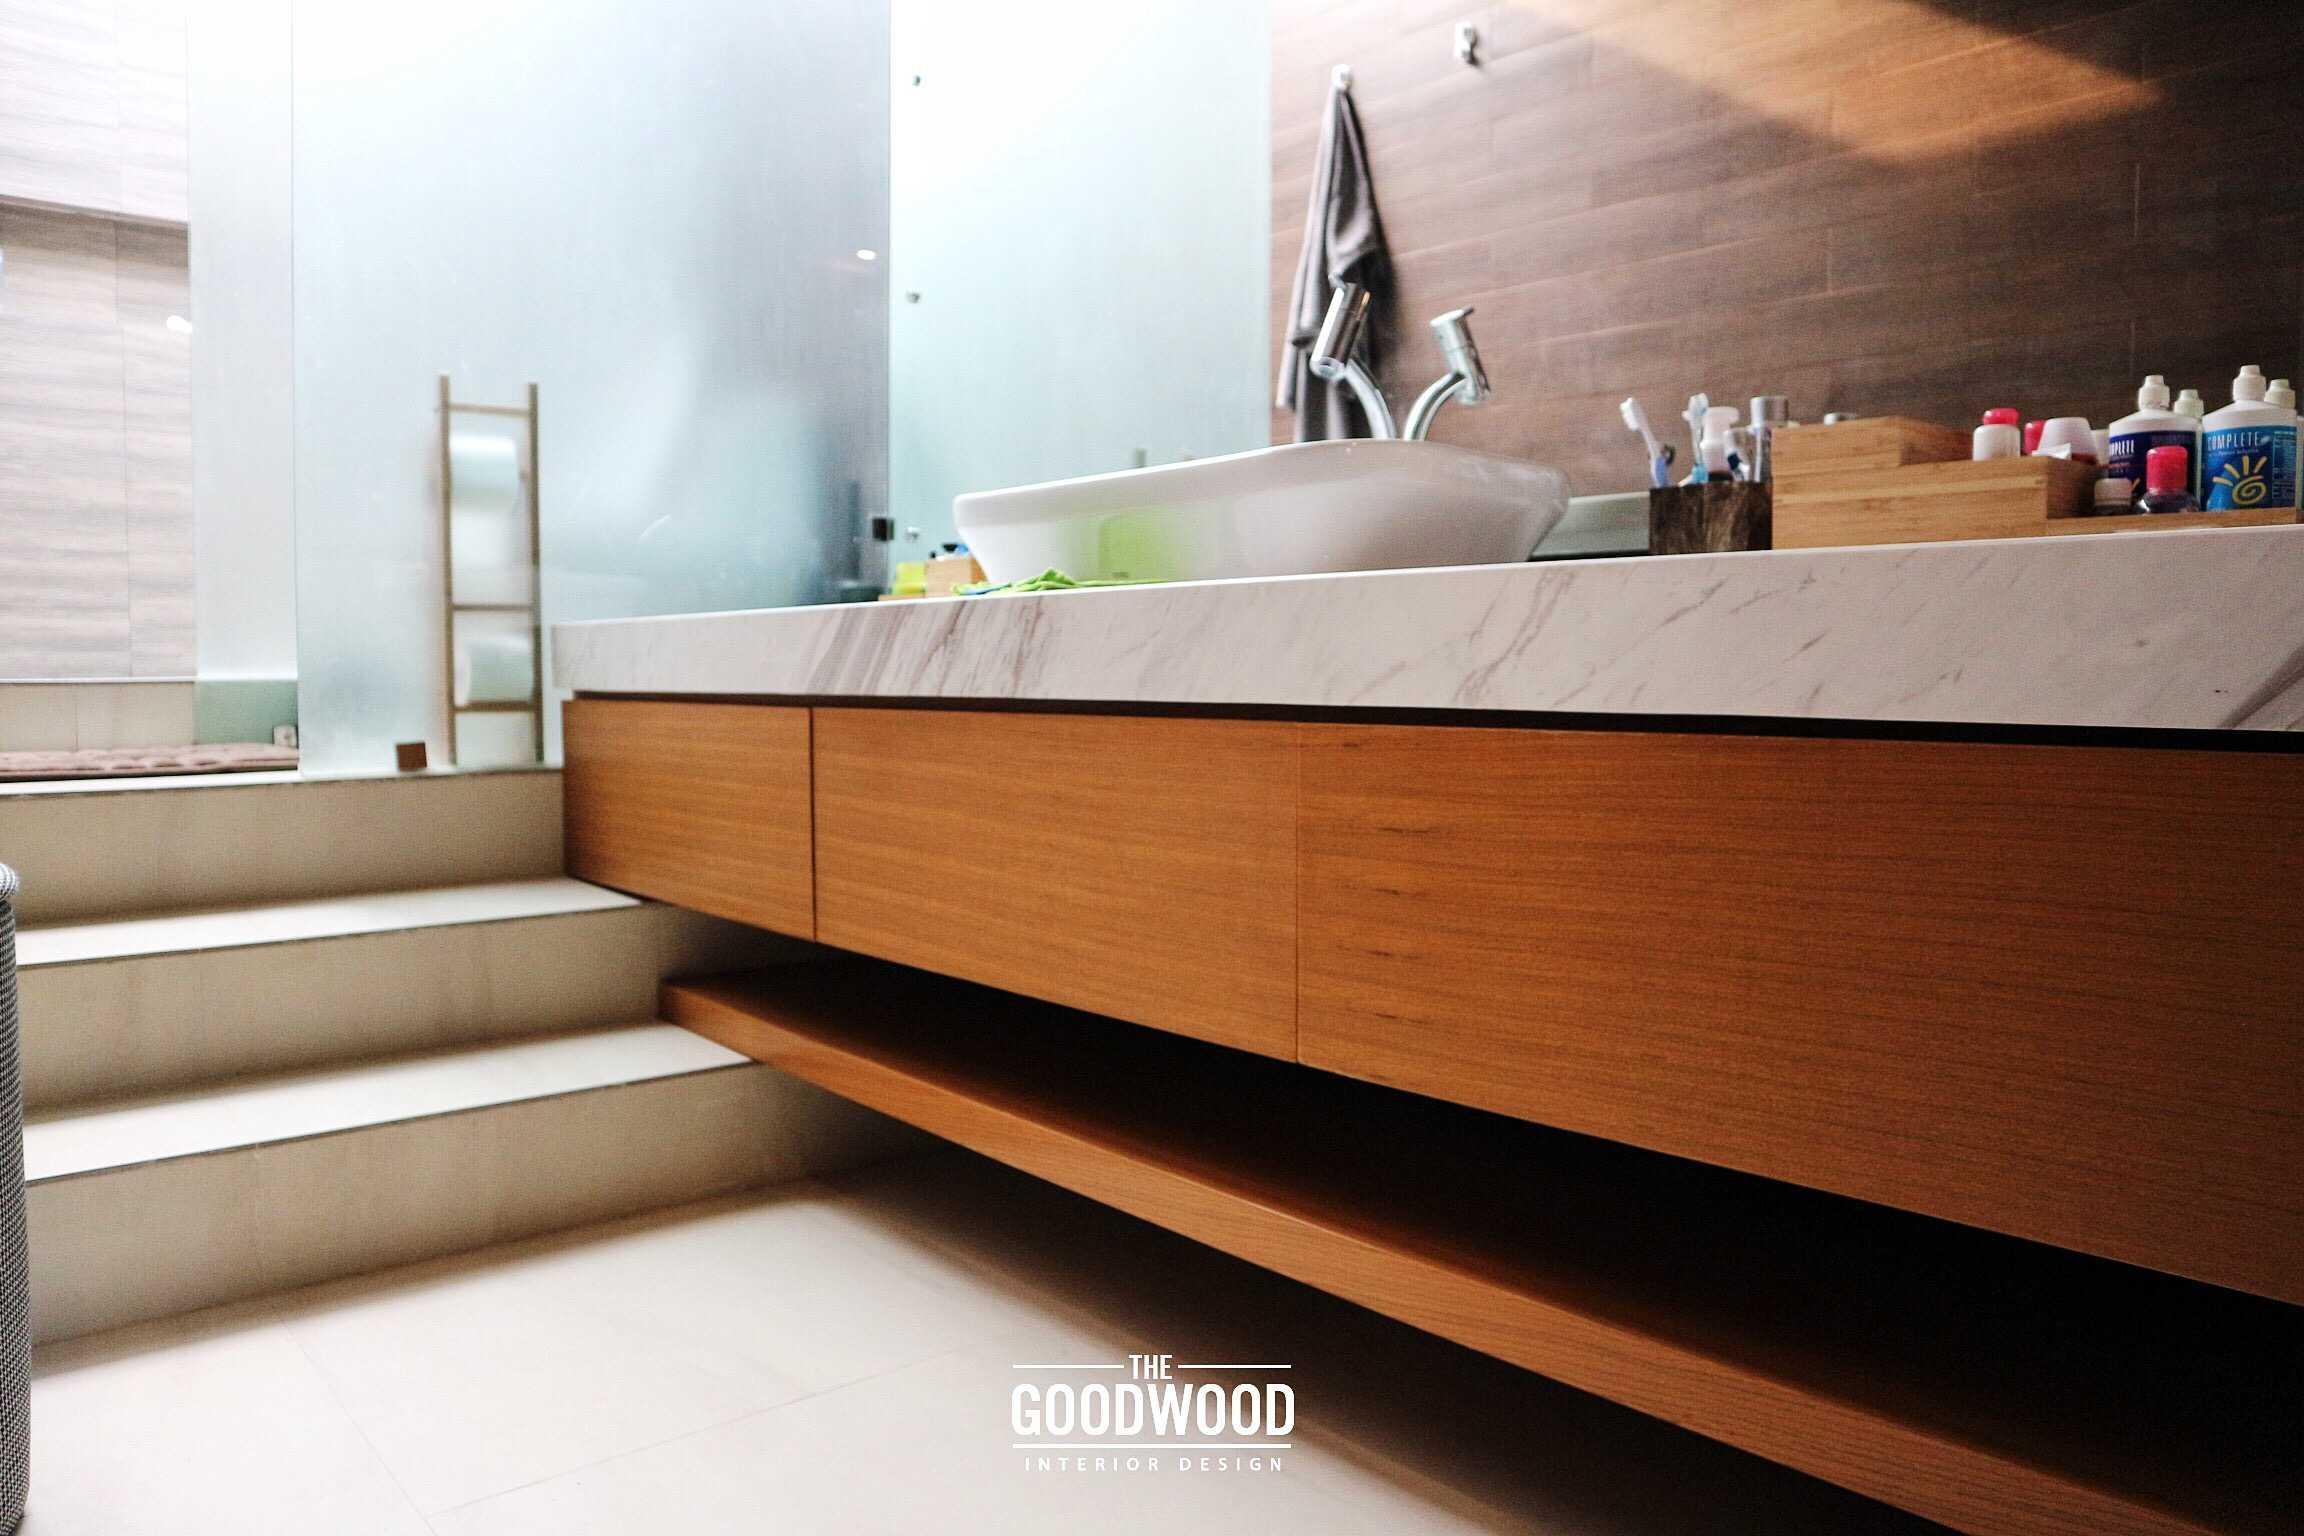 The Goodwood Interior Design Rumah A+S Tangerang, Kota Tangerang, Banten, Indonesia Tangerang, Kota Tangerang, Banten, Indonesia S15147058 Kontemporer,modern  36178